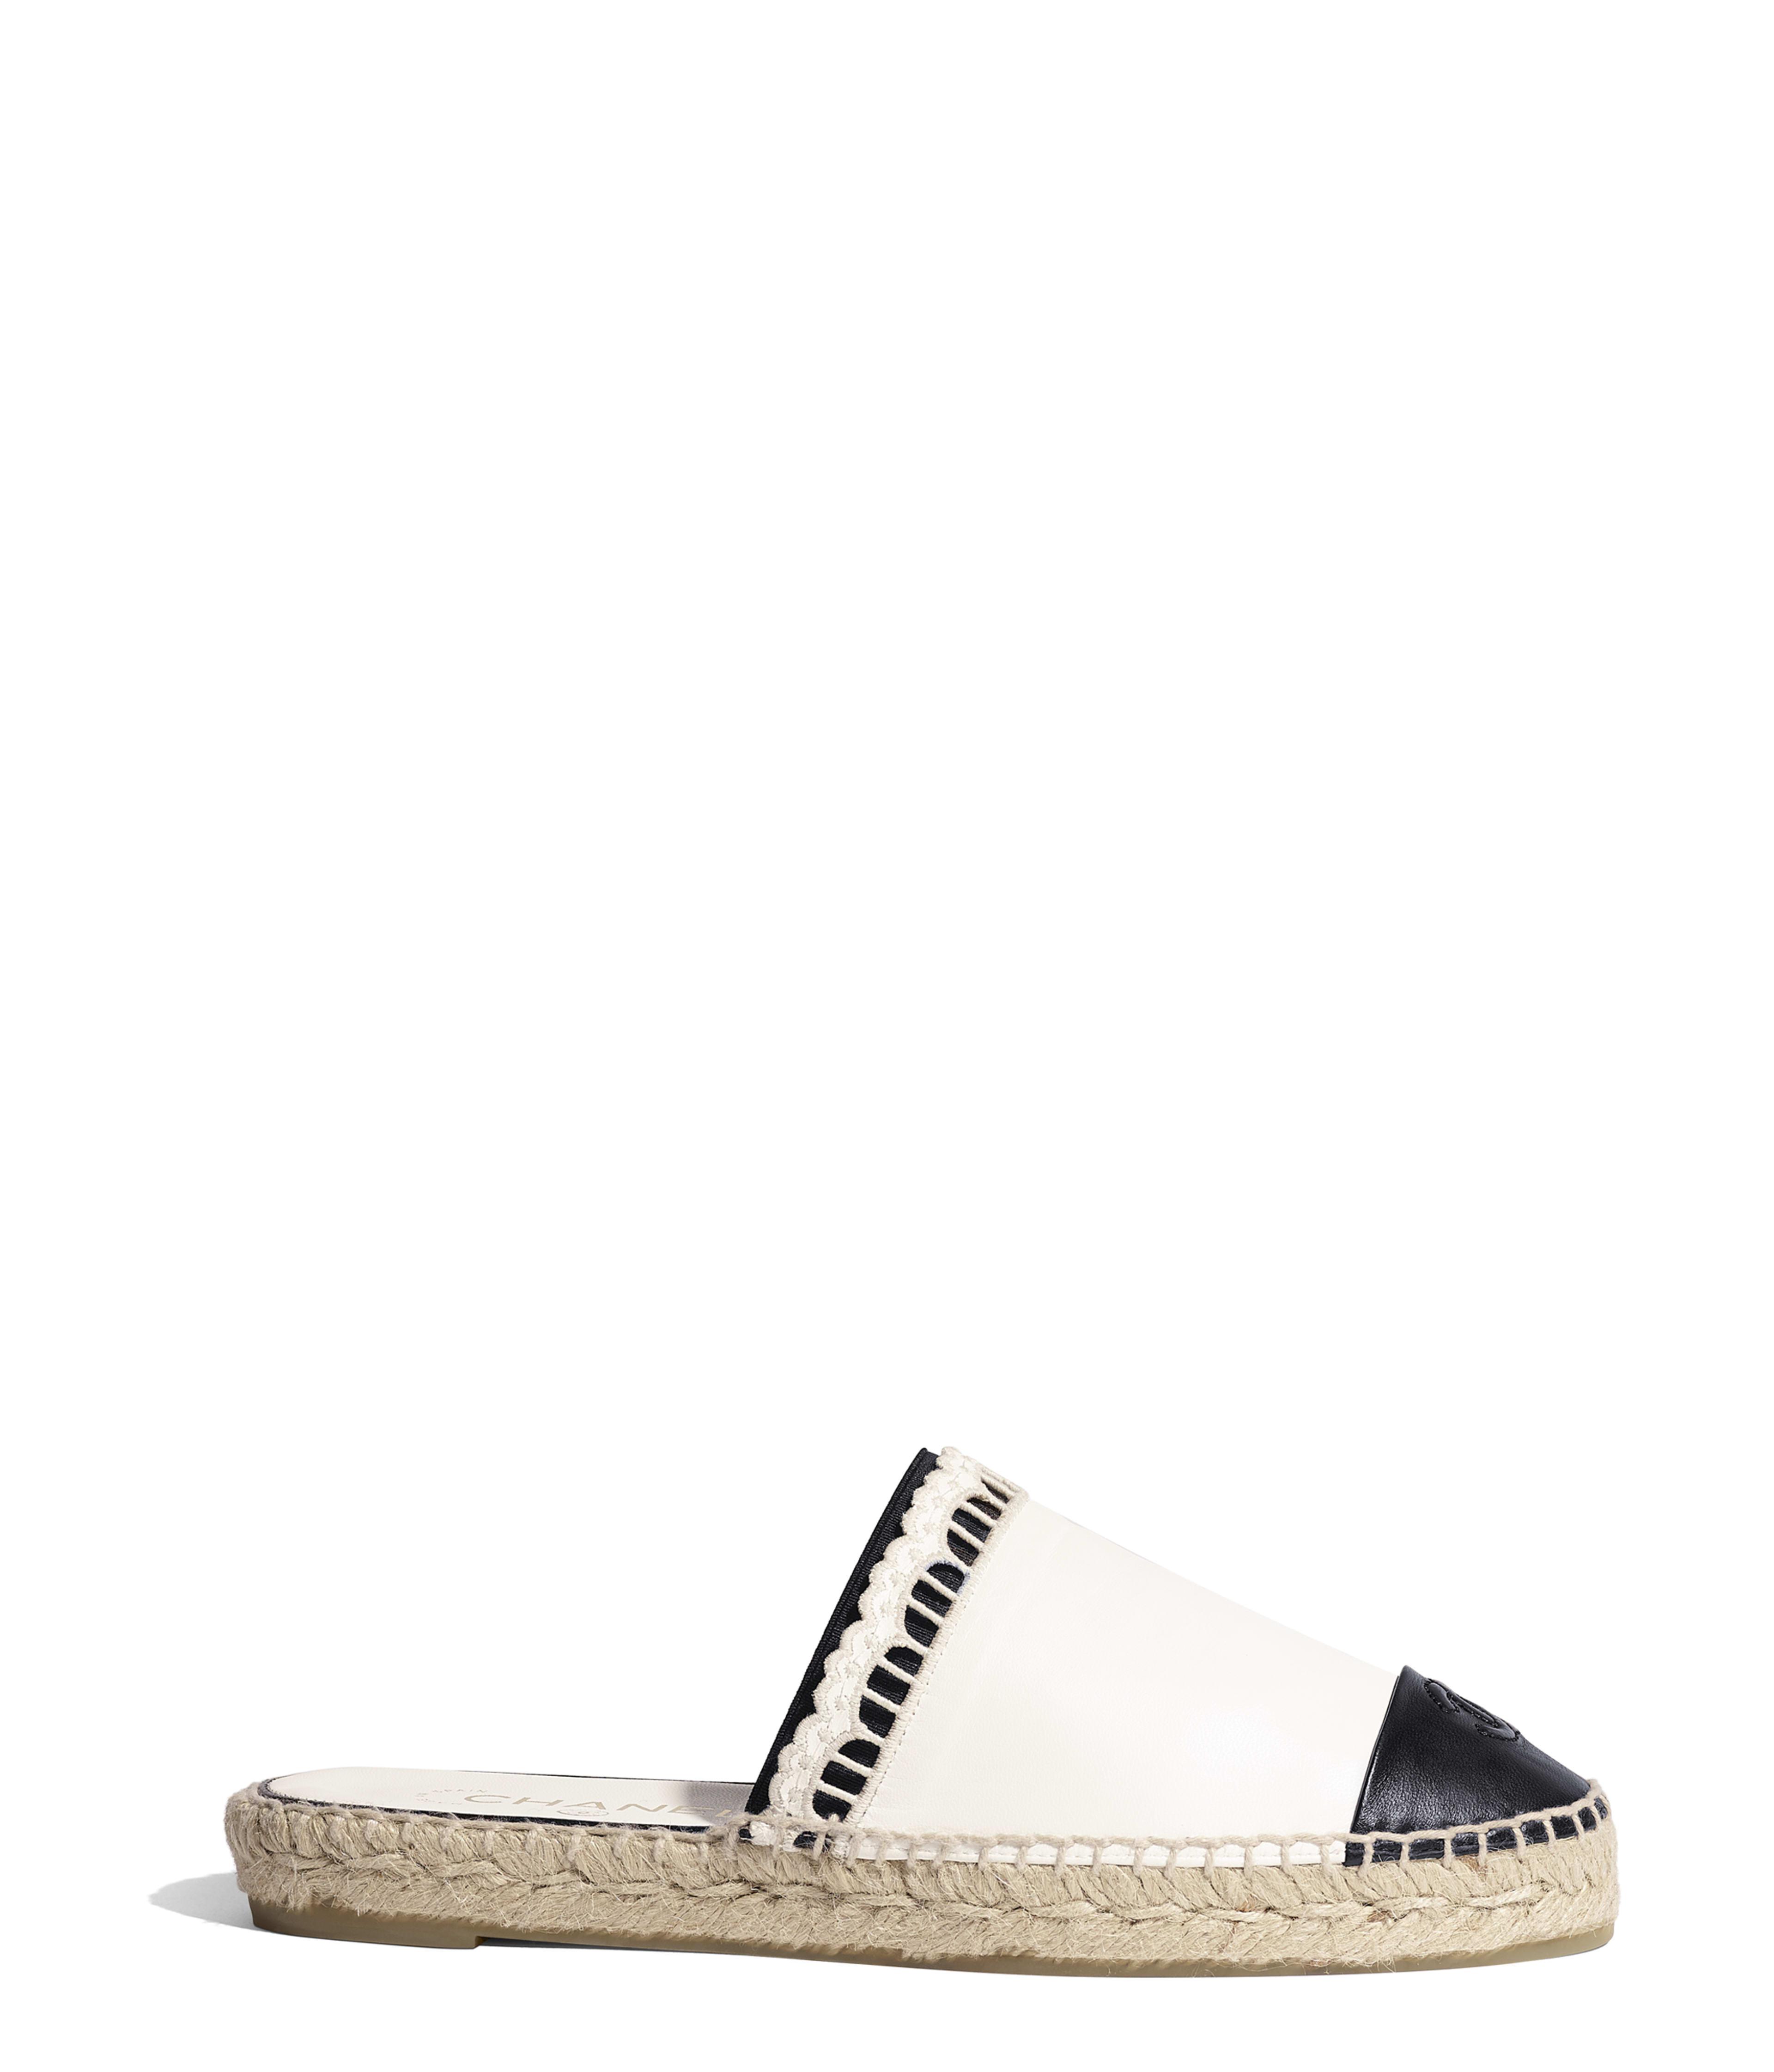 8e36c369c6c Espadrilles - Shoes